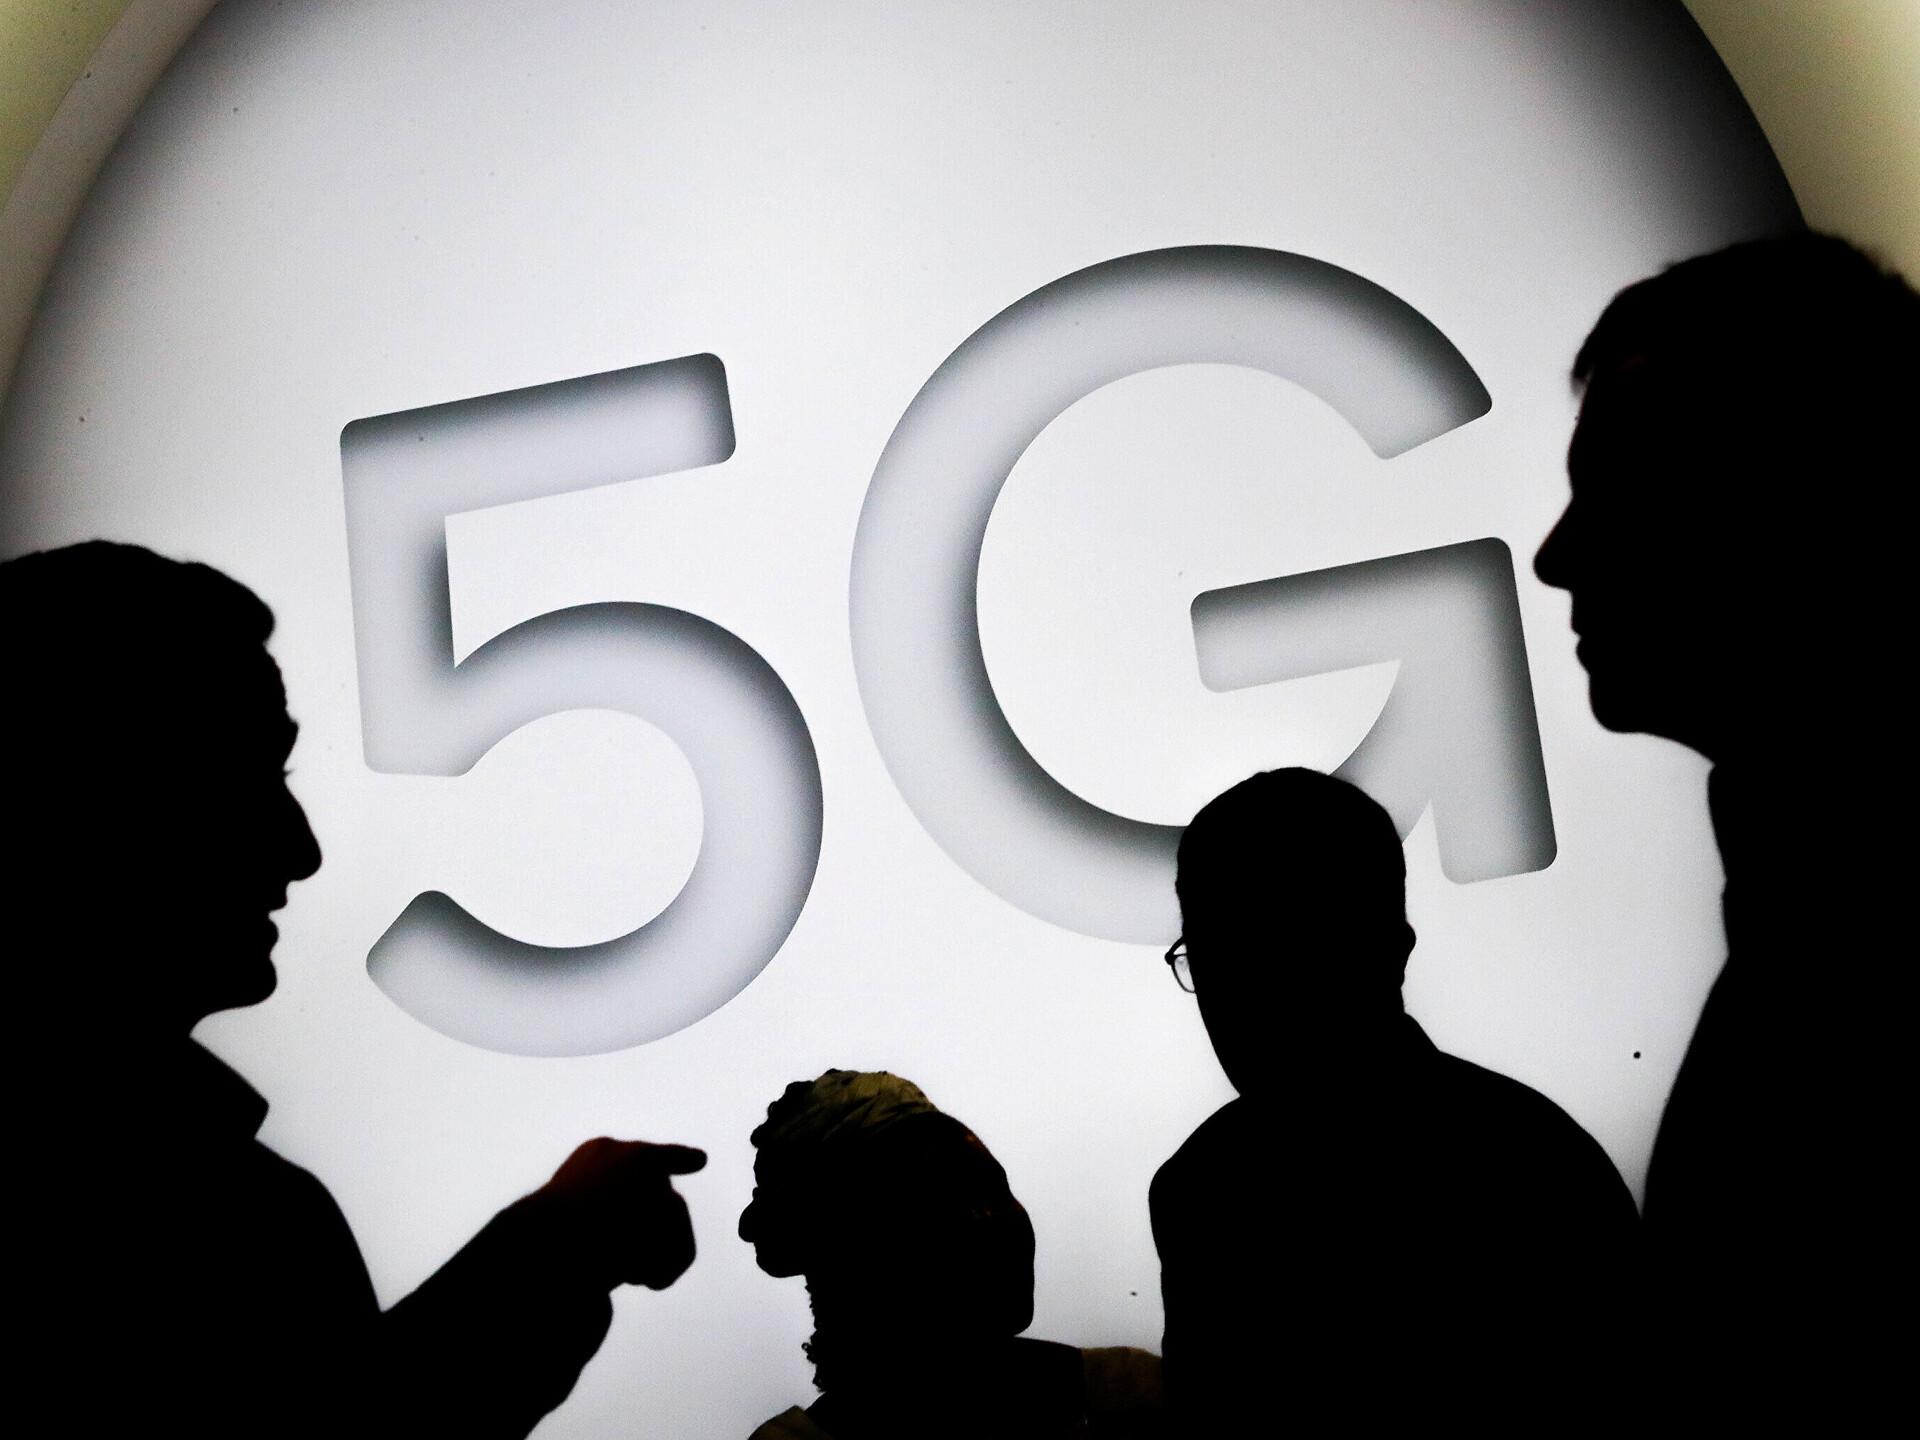 3cc7860a4c3 Levikom survestab 5G sagadusalade konkurssi muutma | Majandus | ERR